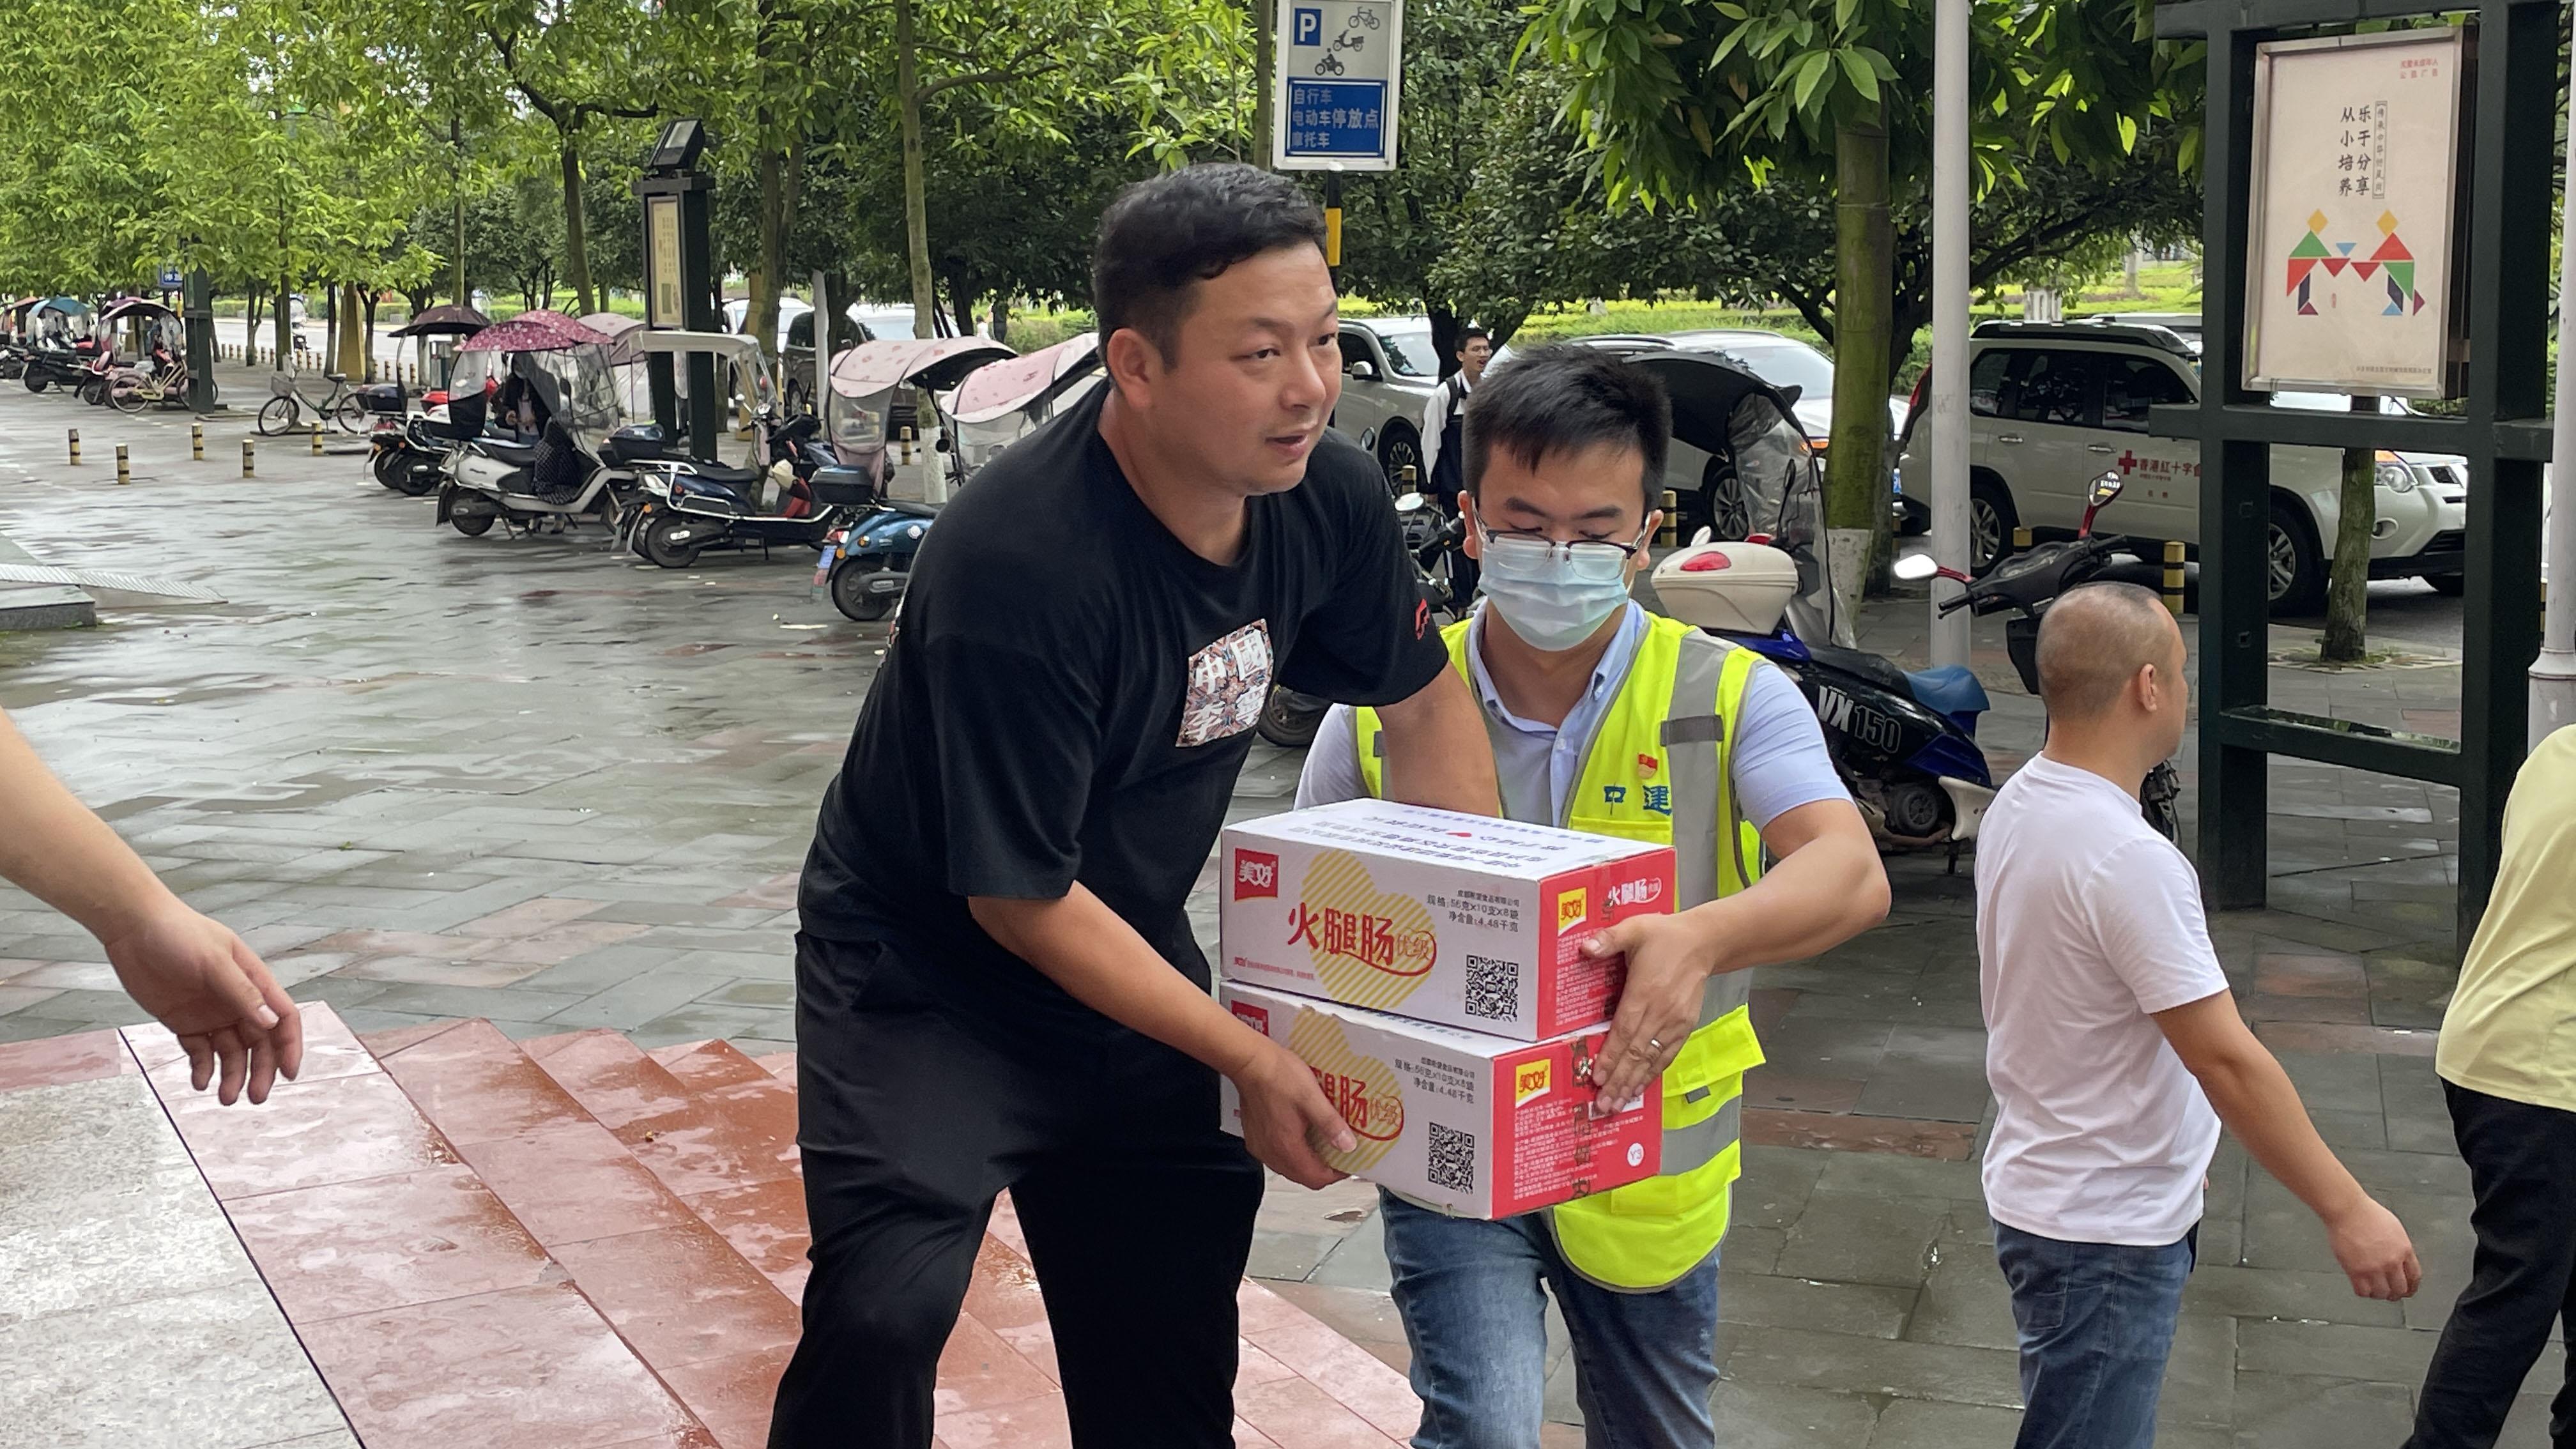 地震无情人有情 爱心星夜驰援泸县灾区